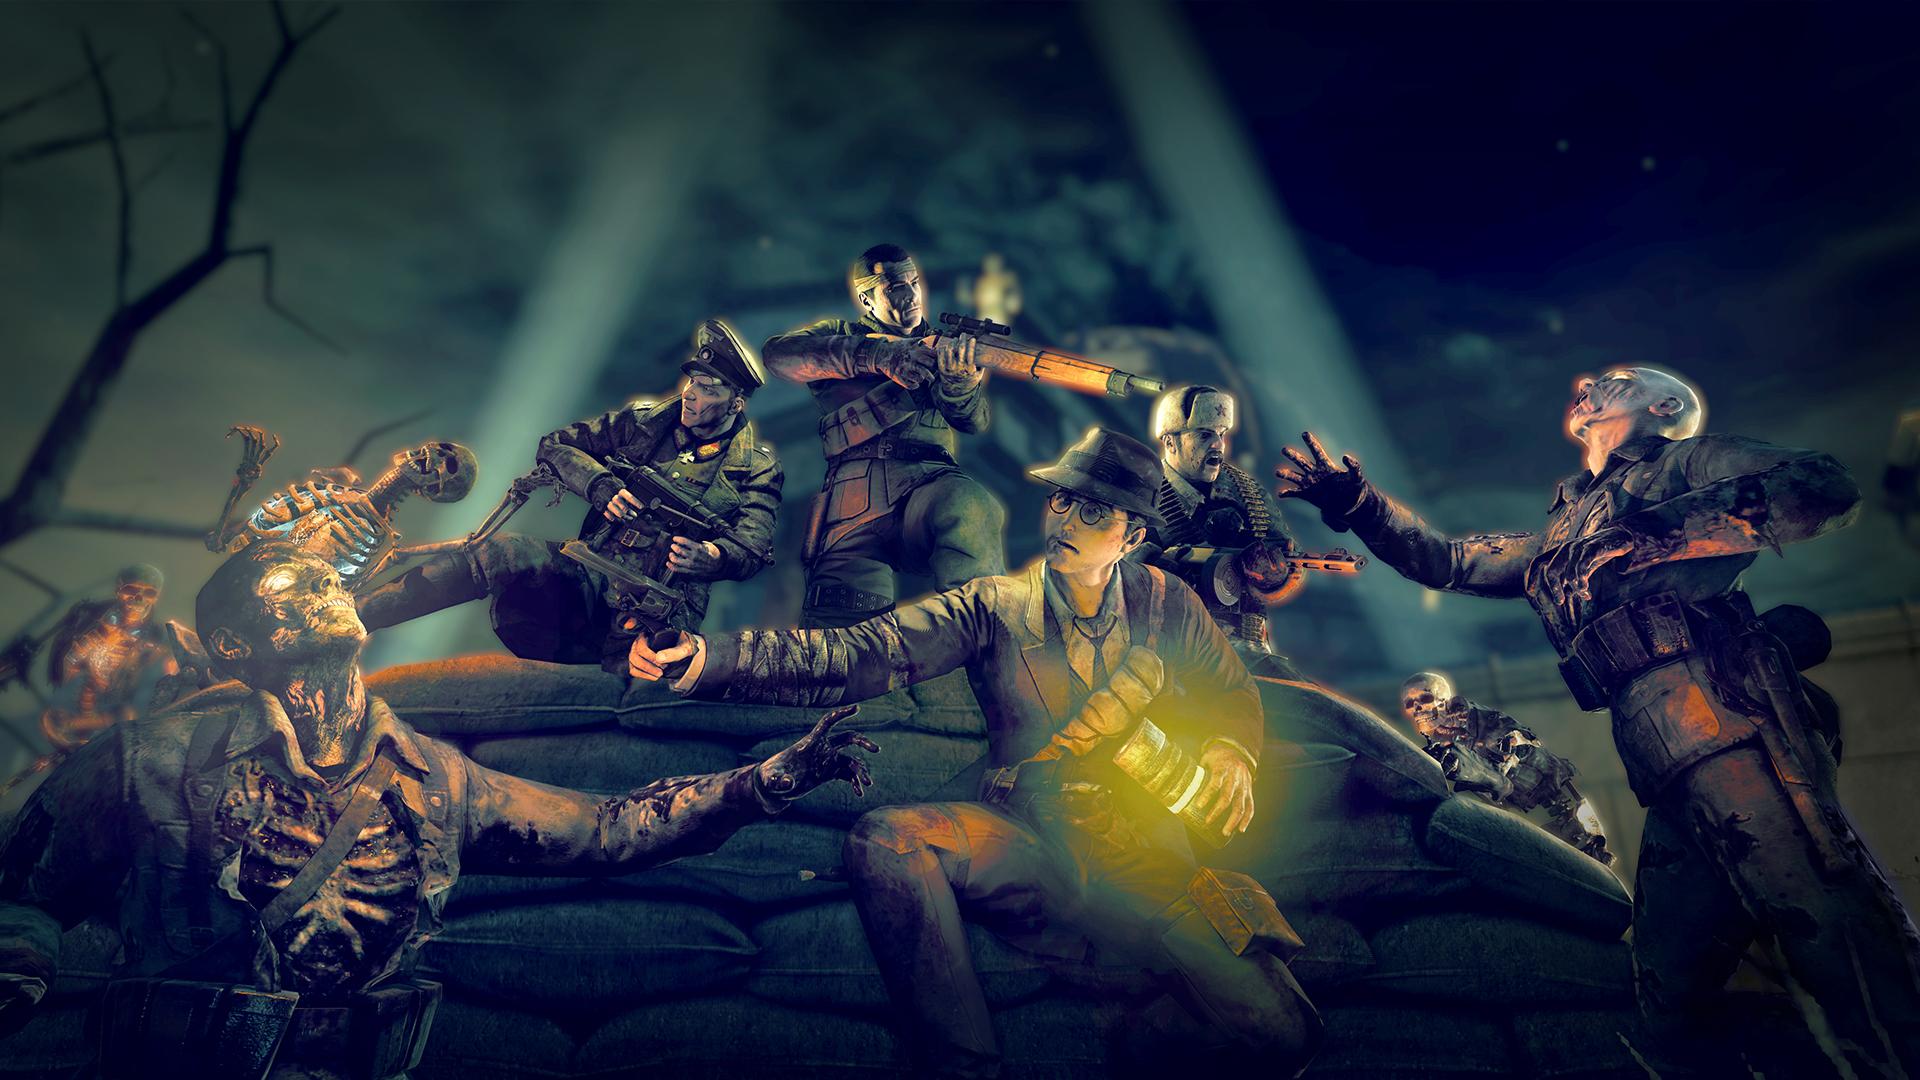 Скриншот из игры Sniper Elite: Армия тьмы 2